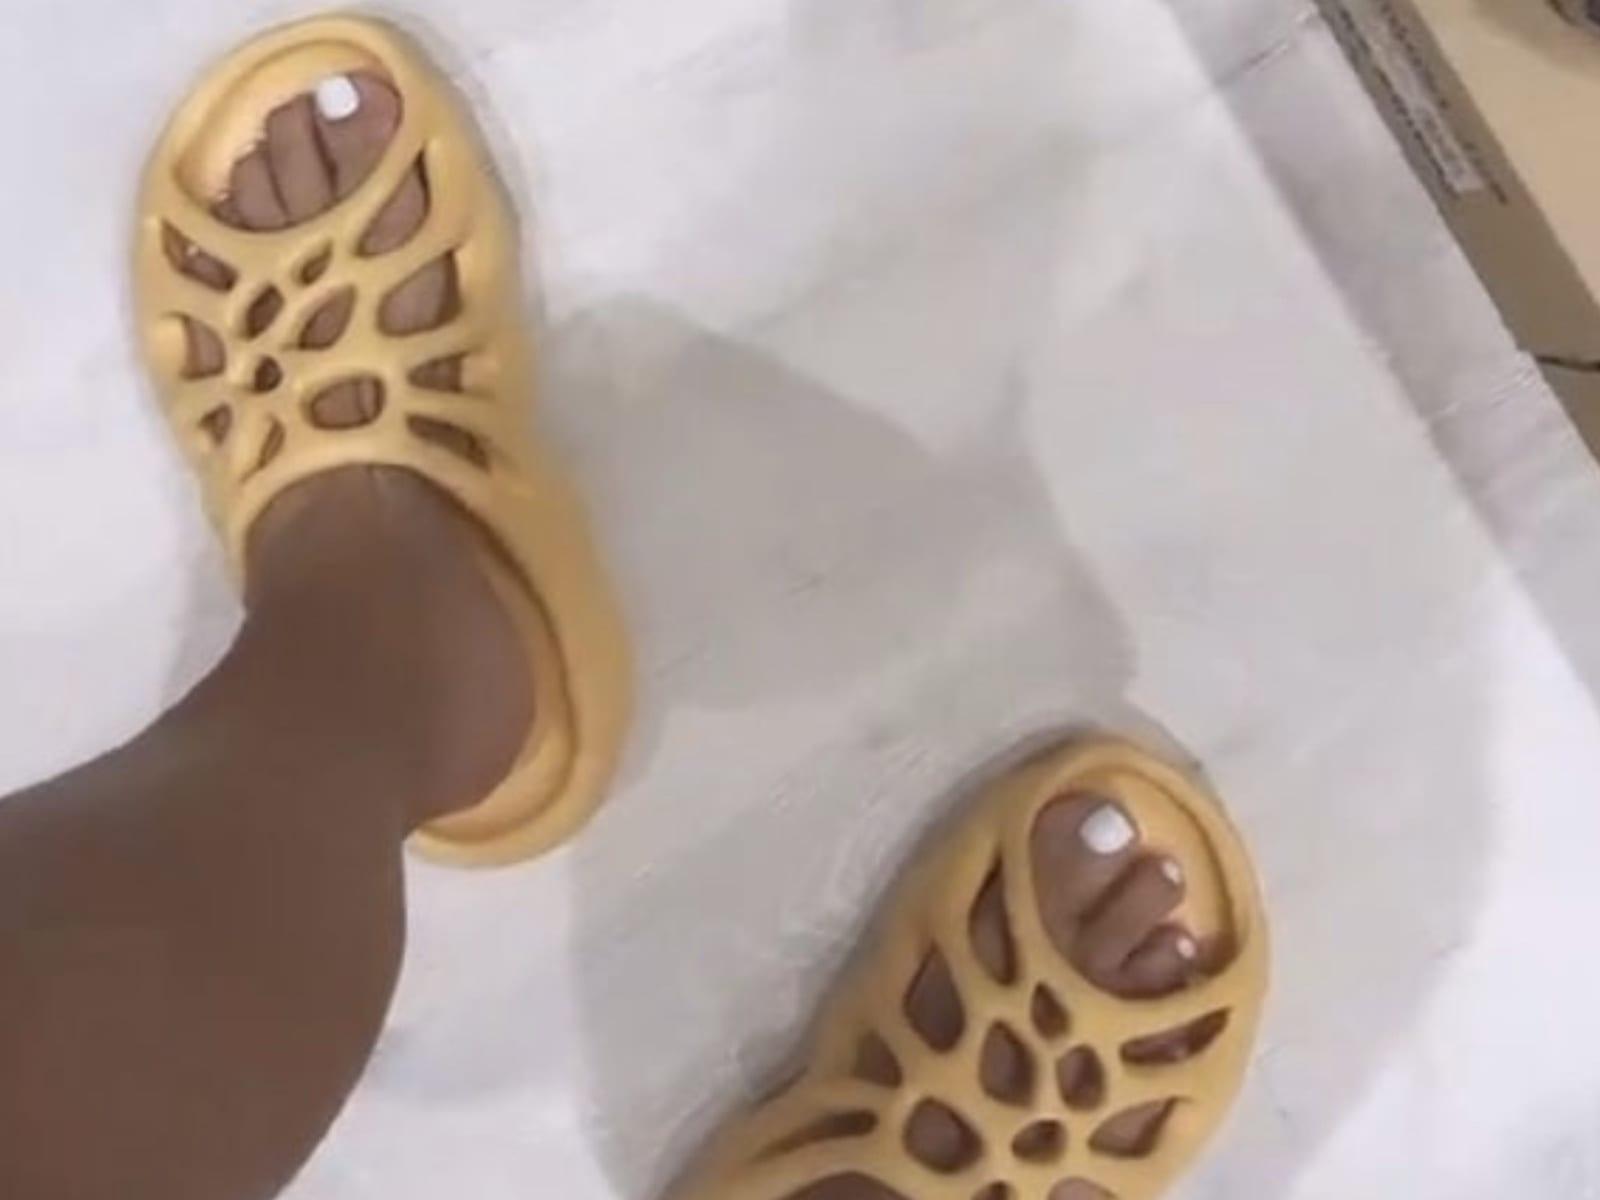 Kanye West Flamed After Kim Kardashian Reveals New Yeezy Slides